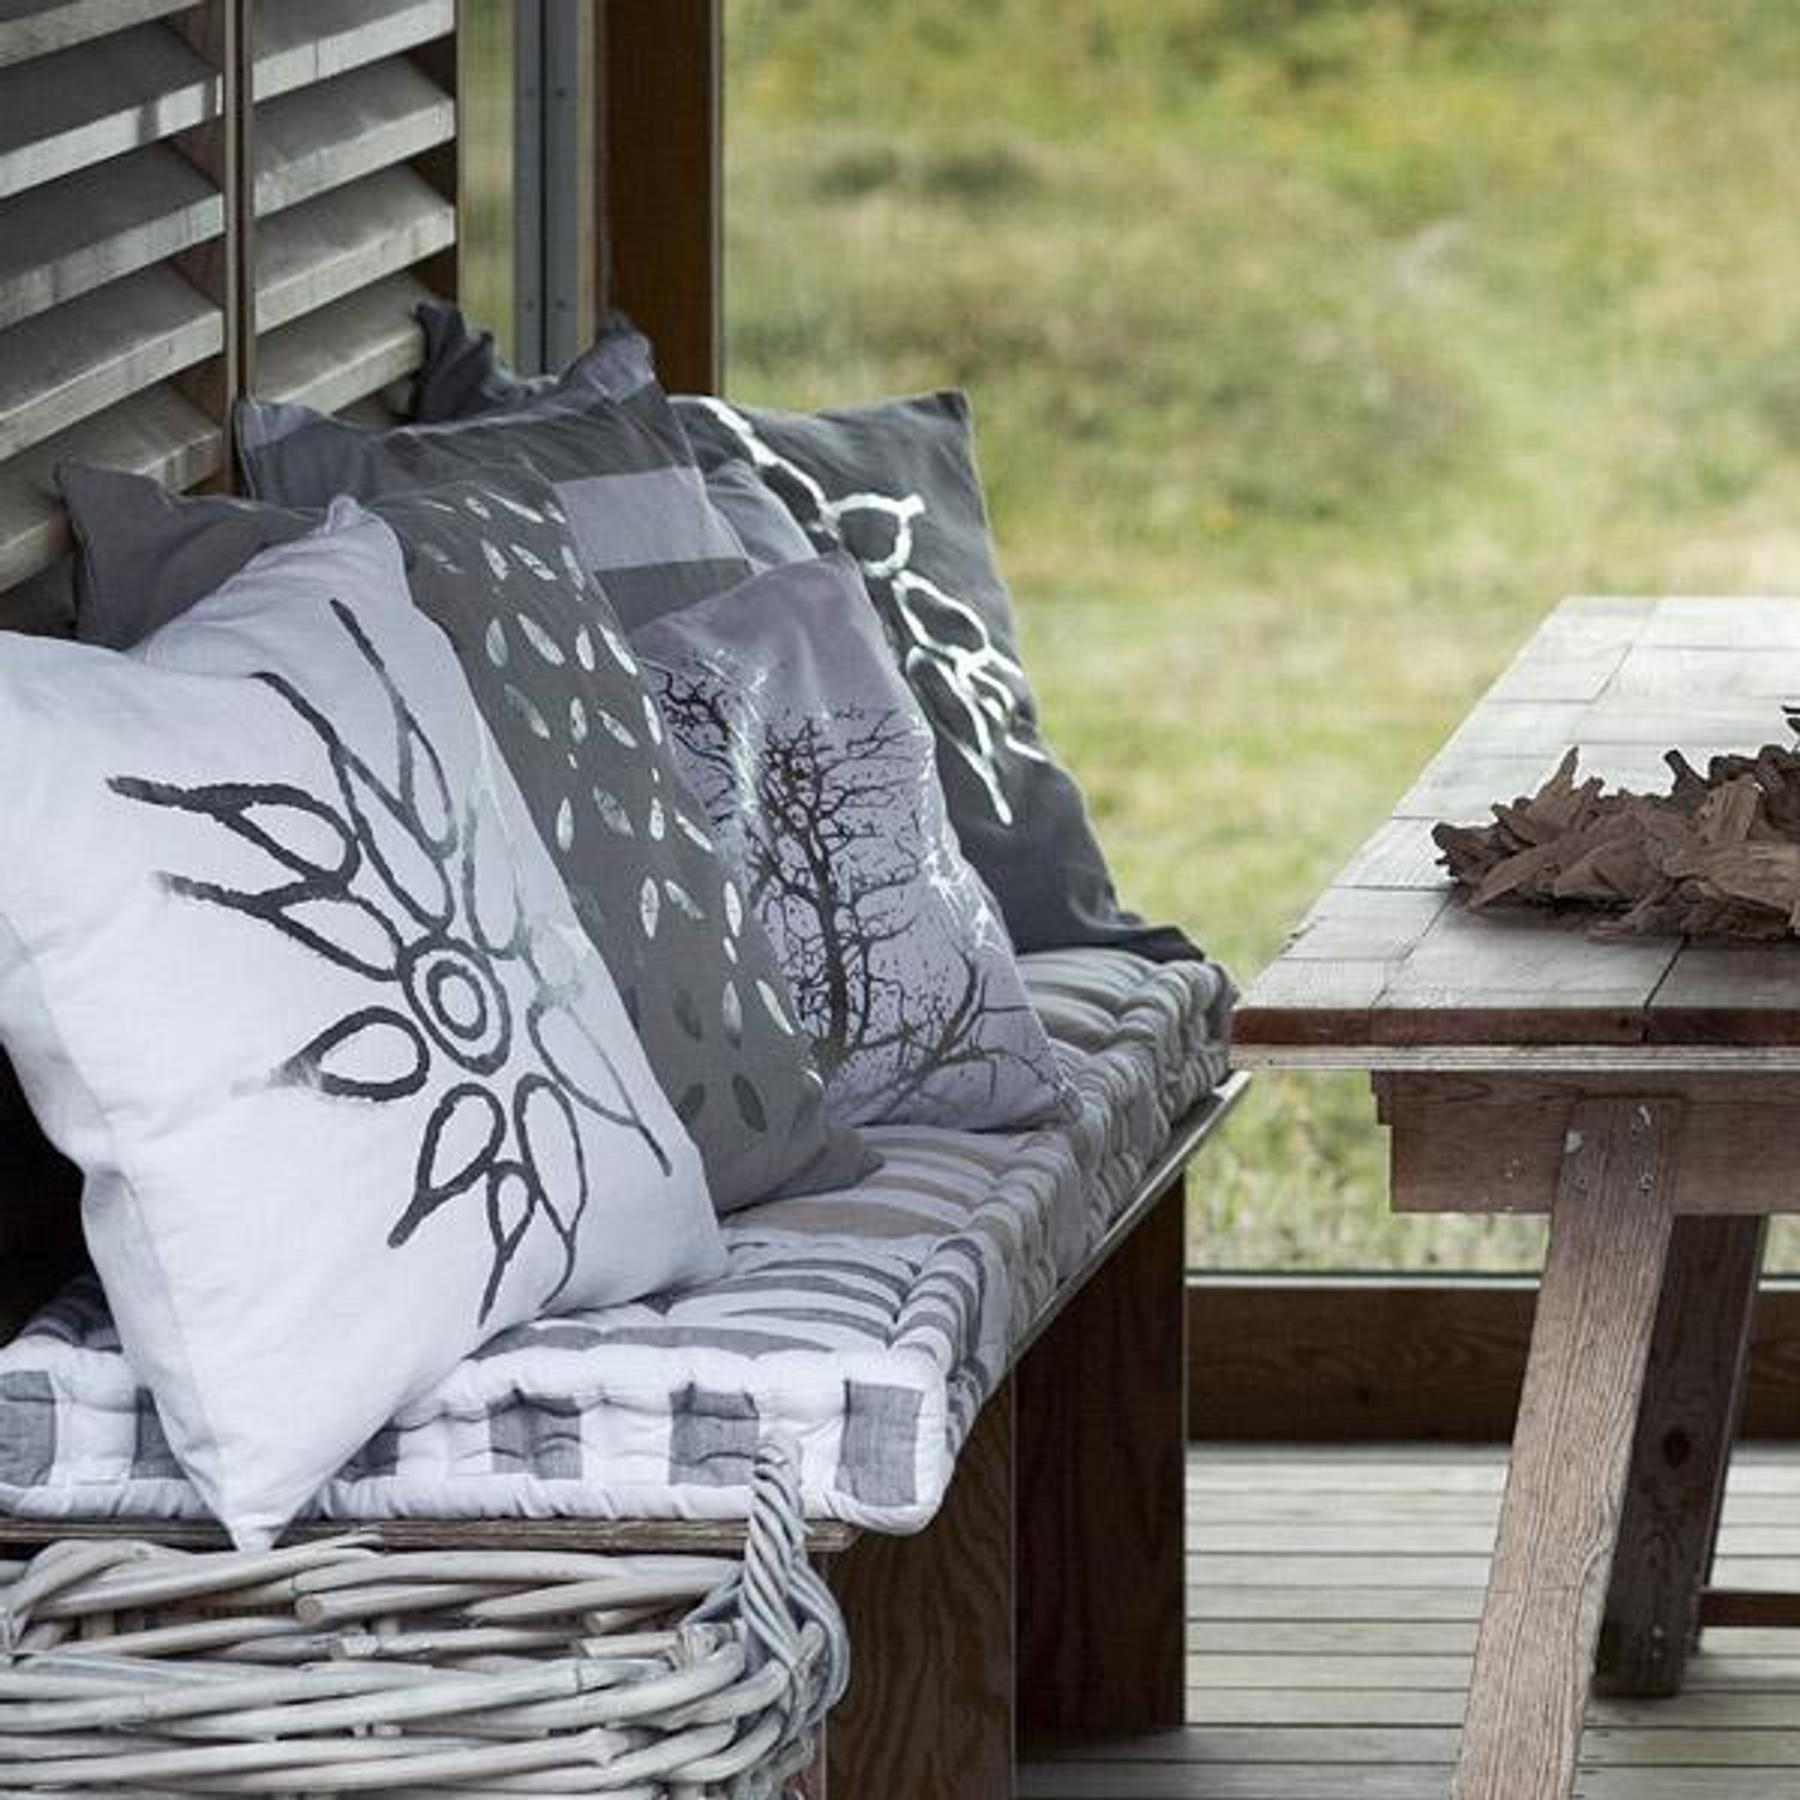 feste sofakissen feste sofakissen with feste sofakissen zwei groe sofakissen braun with feste. Black Bedroom Furniture Sets. Home Design Ideas